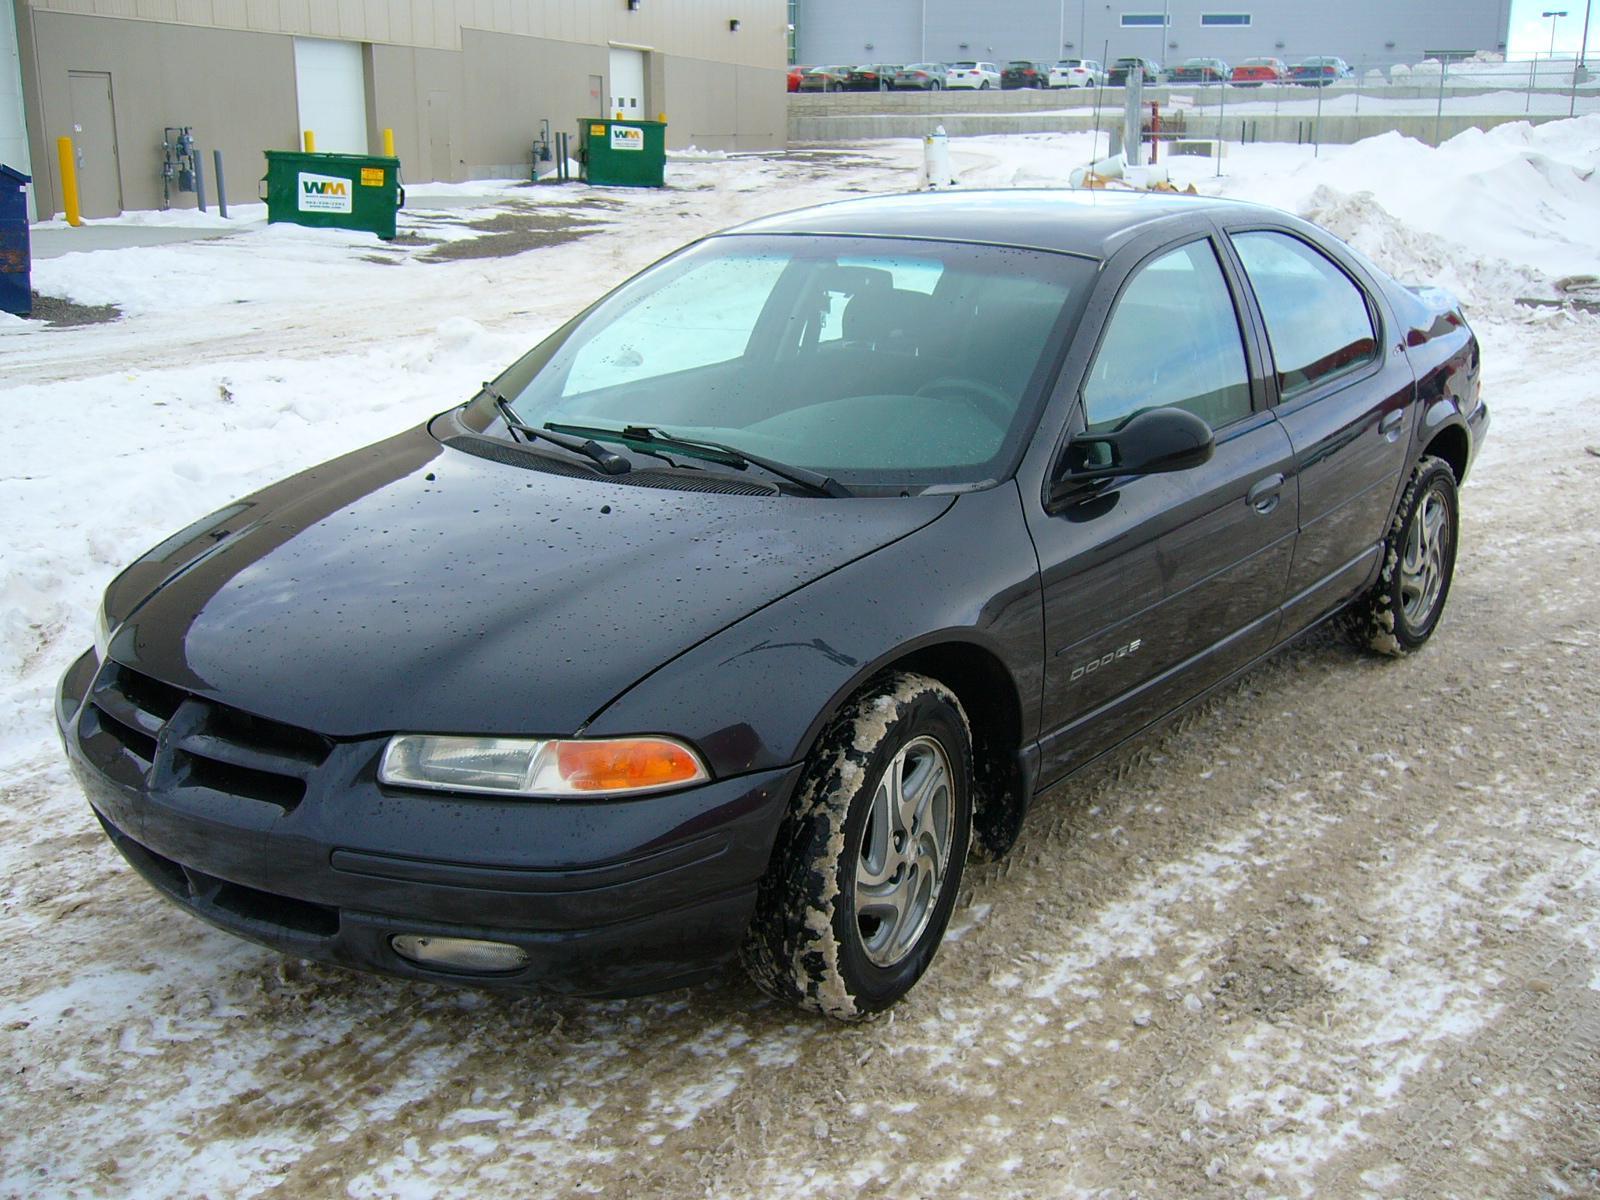 800 1024 1280 1600 origin 1998 Dodge Stratus ...